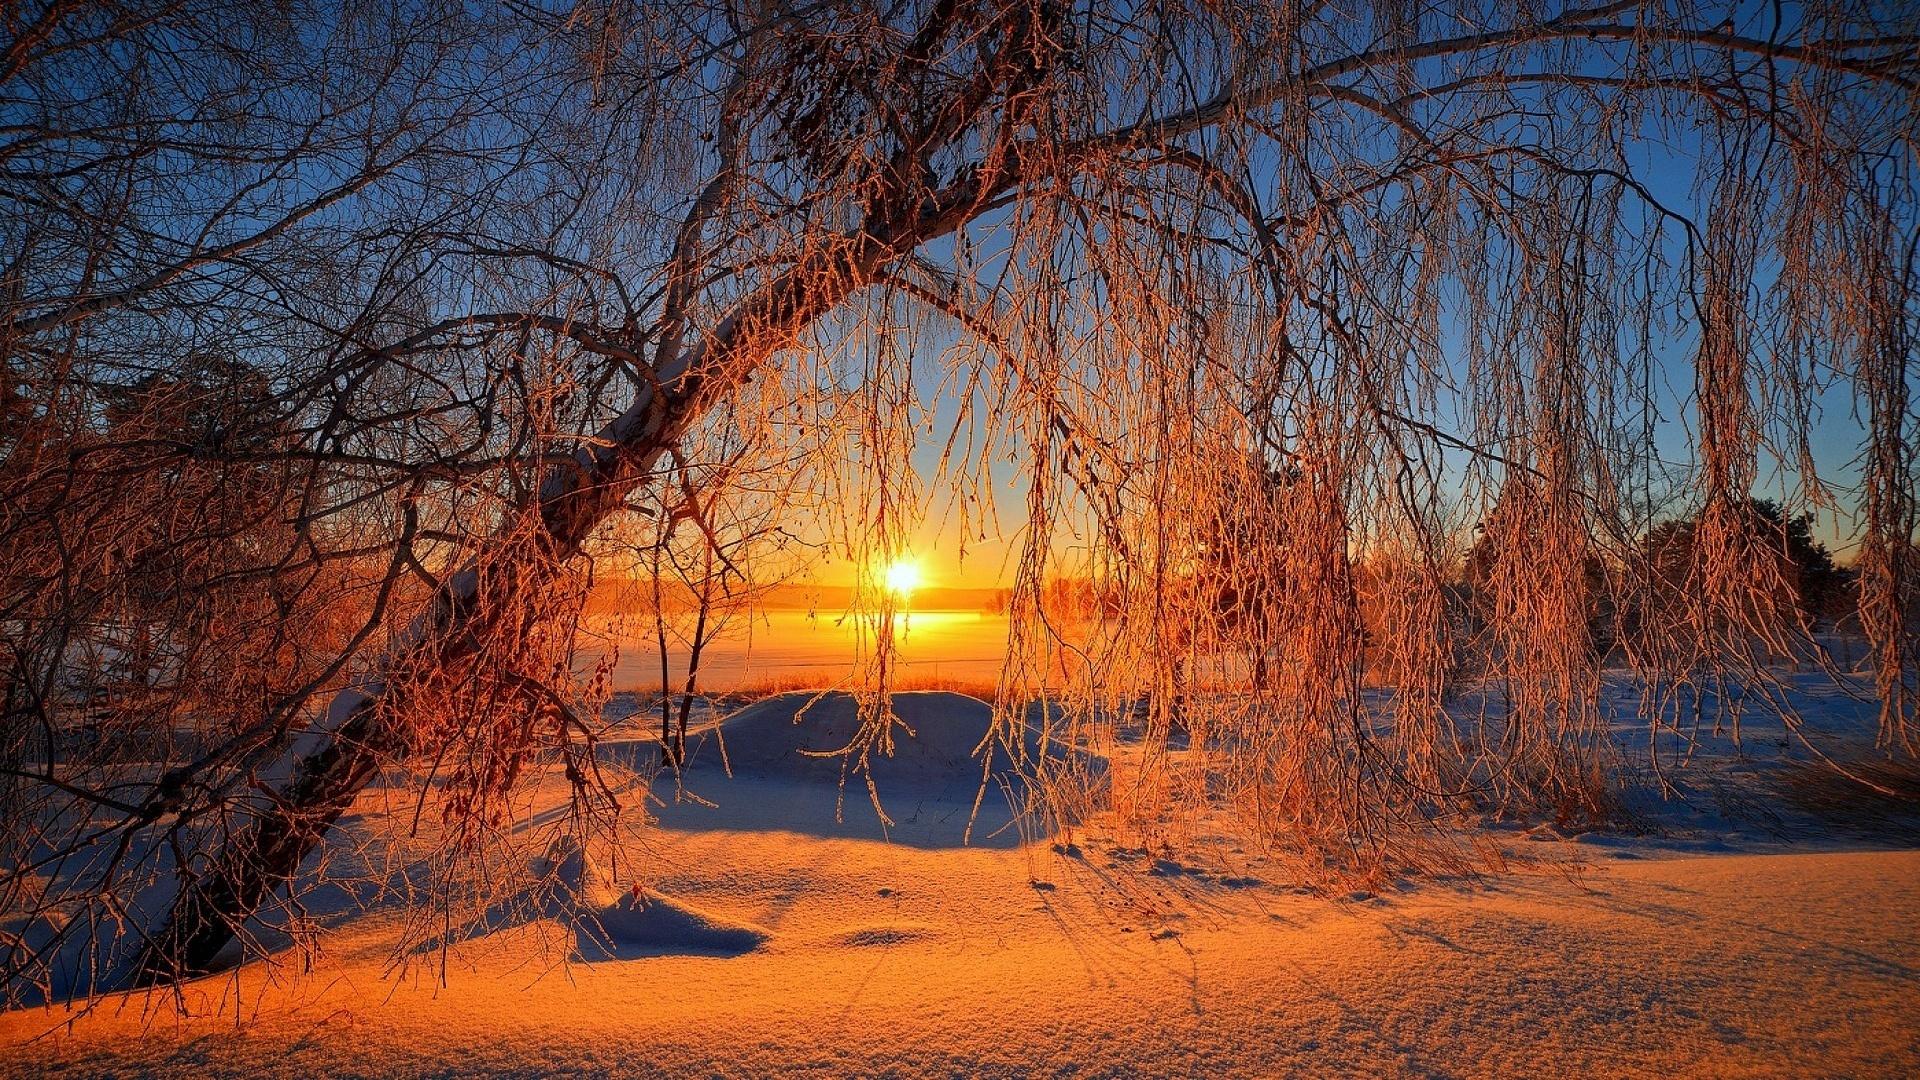 съехал закаты зимой картинки дом всеми удобствами